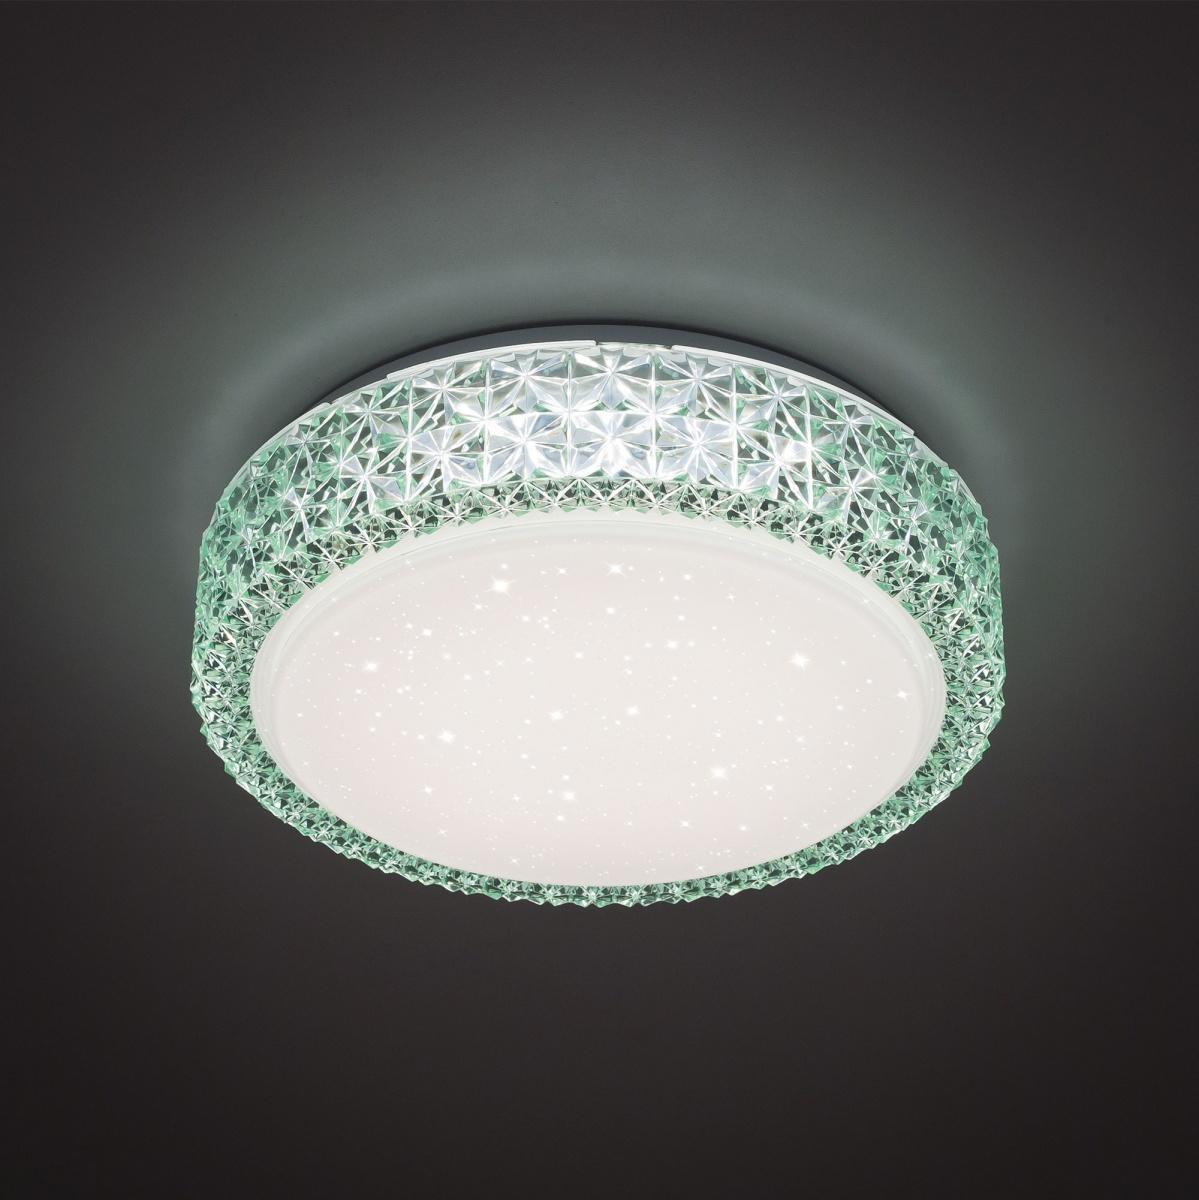 CITILUX CL705013 Потолочный светильник КРИСТАЛИНО 18x1W LED 3000K зеленый